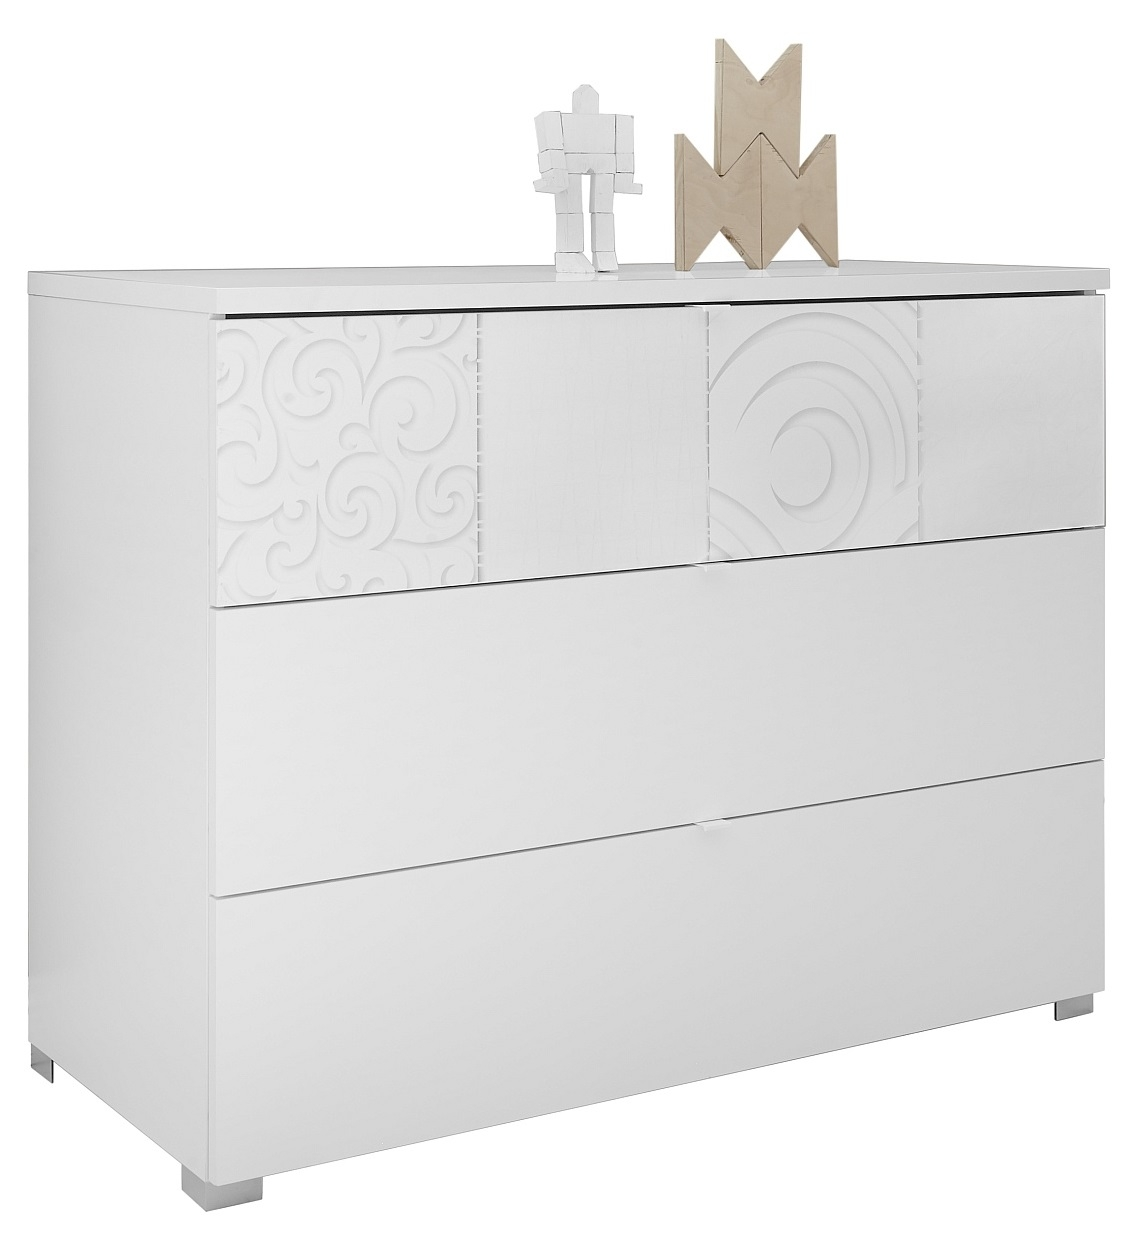 Ladekast Perez 104 cm breed in mat wit met hoogglans wit